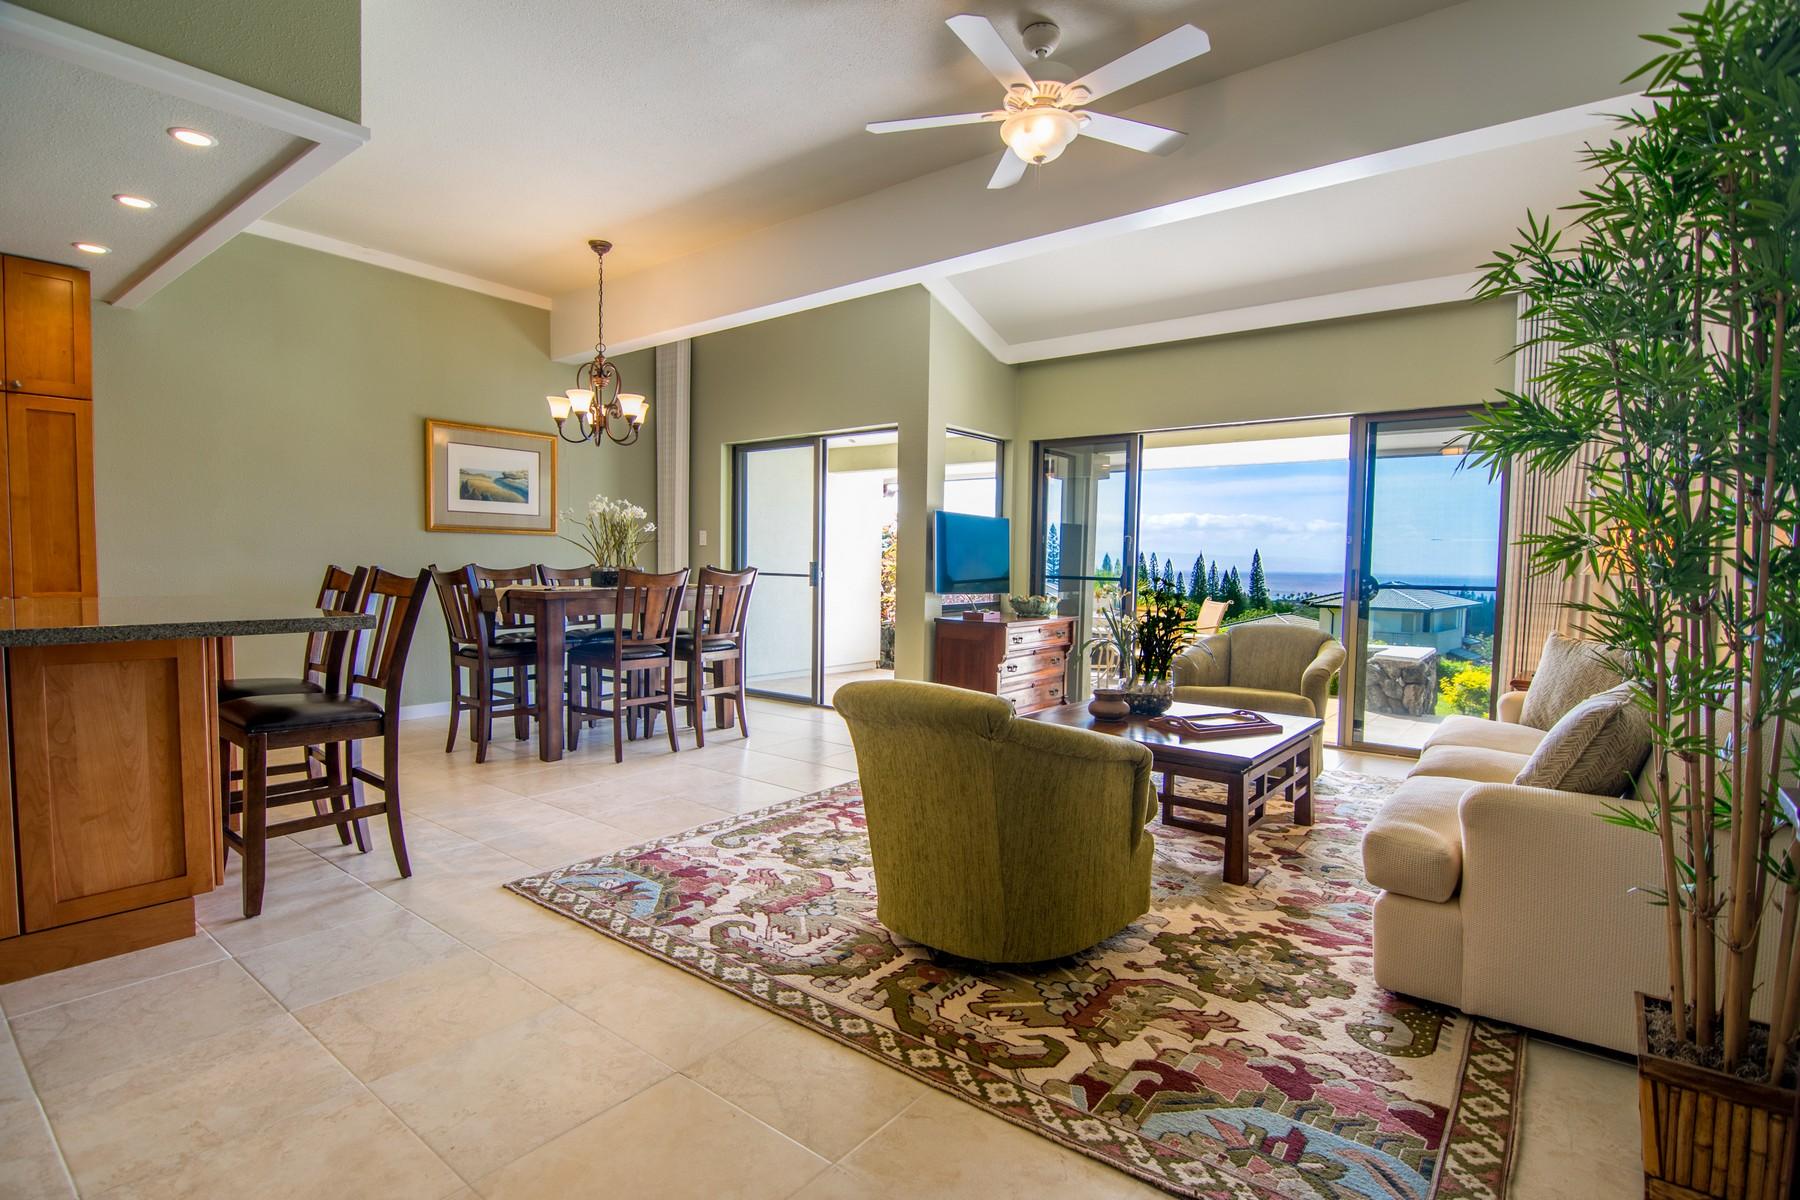 Condominium for Sale at Luxury Kapalua Golf Villa 500 Kapalua Drive, Golf Villas 24P7-8 Kapalua, Hawaii, 96761 United States